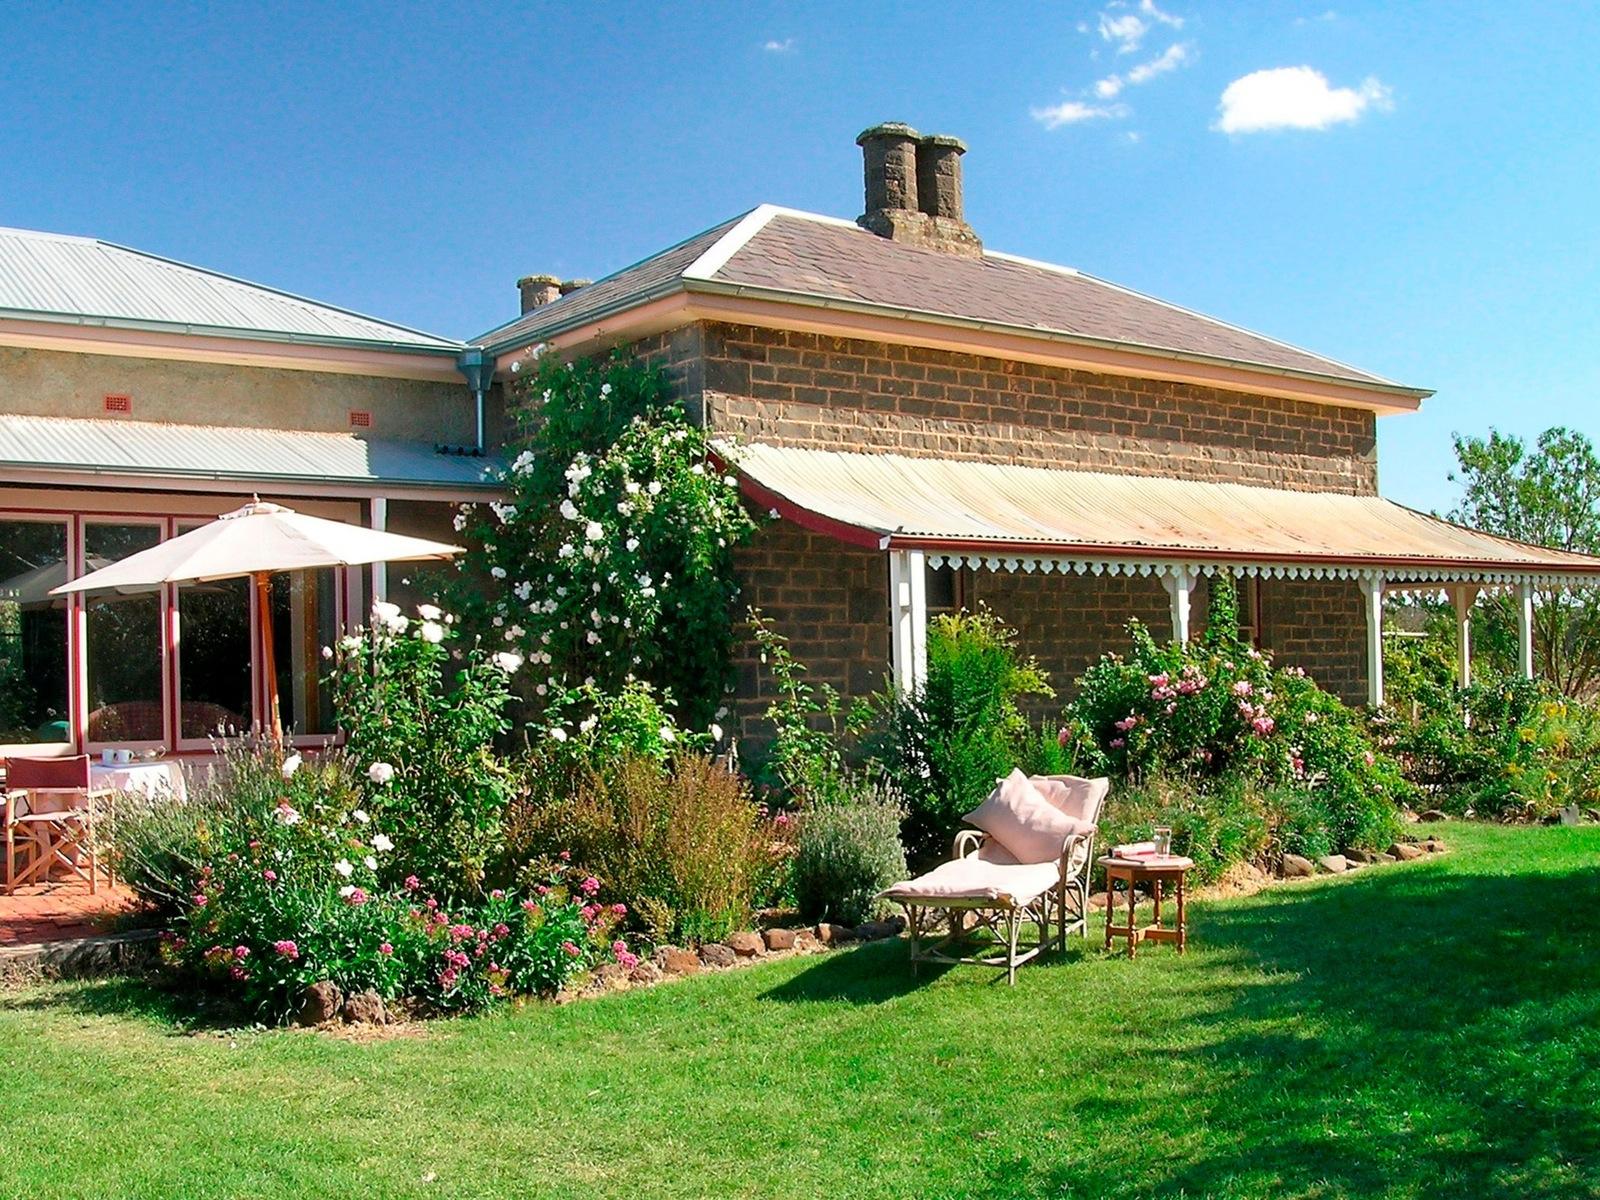 Lochinver Farm Homestead